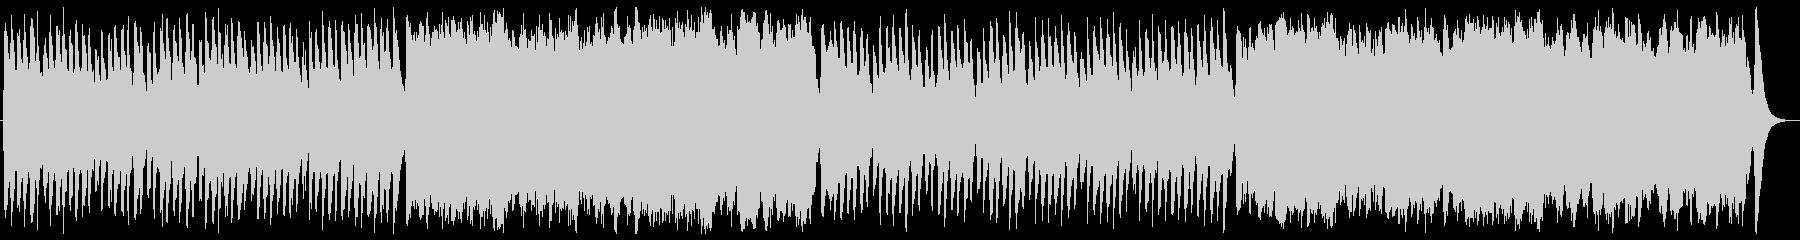 ジングルベル オルゴール&Str.の未再生の波形